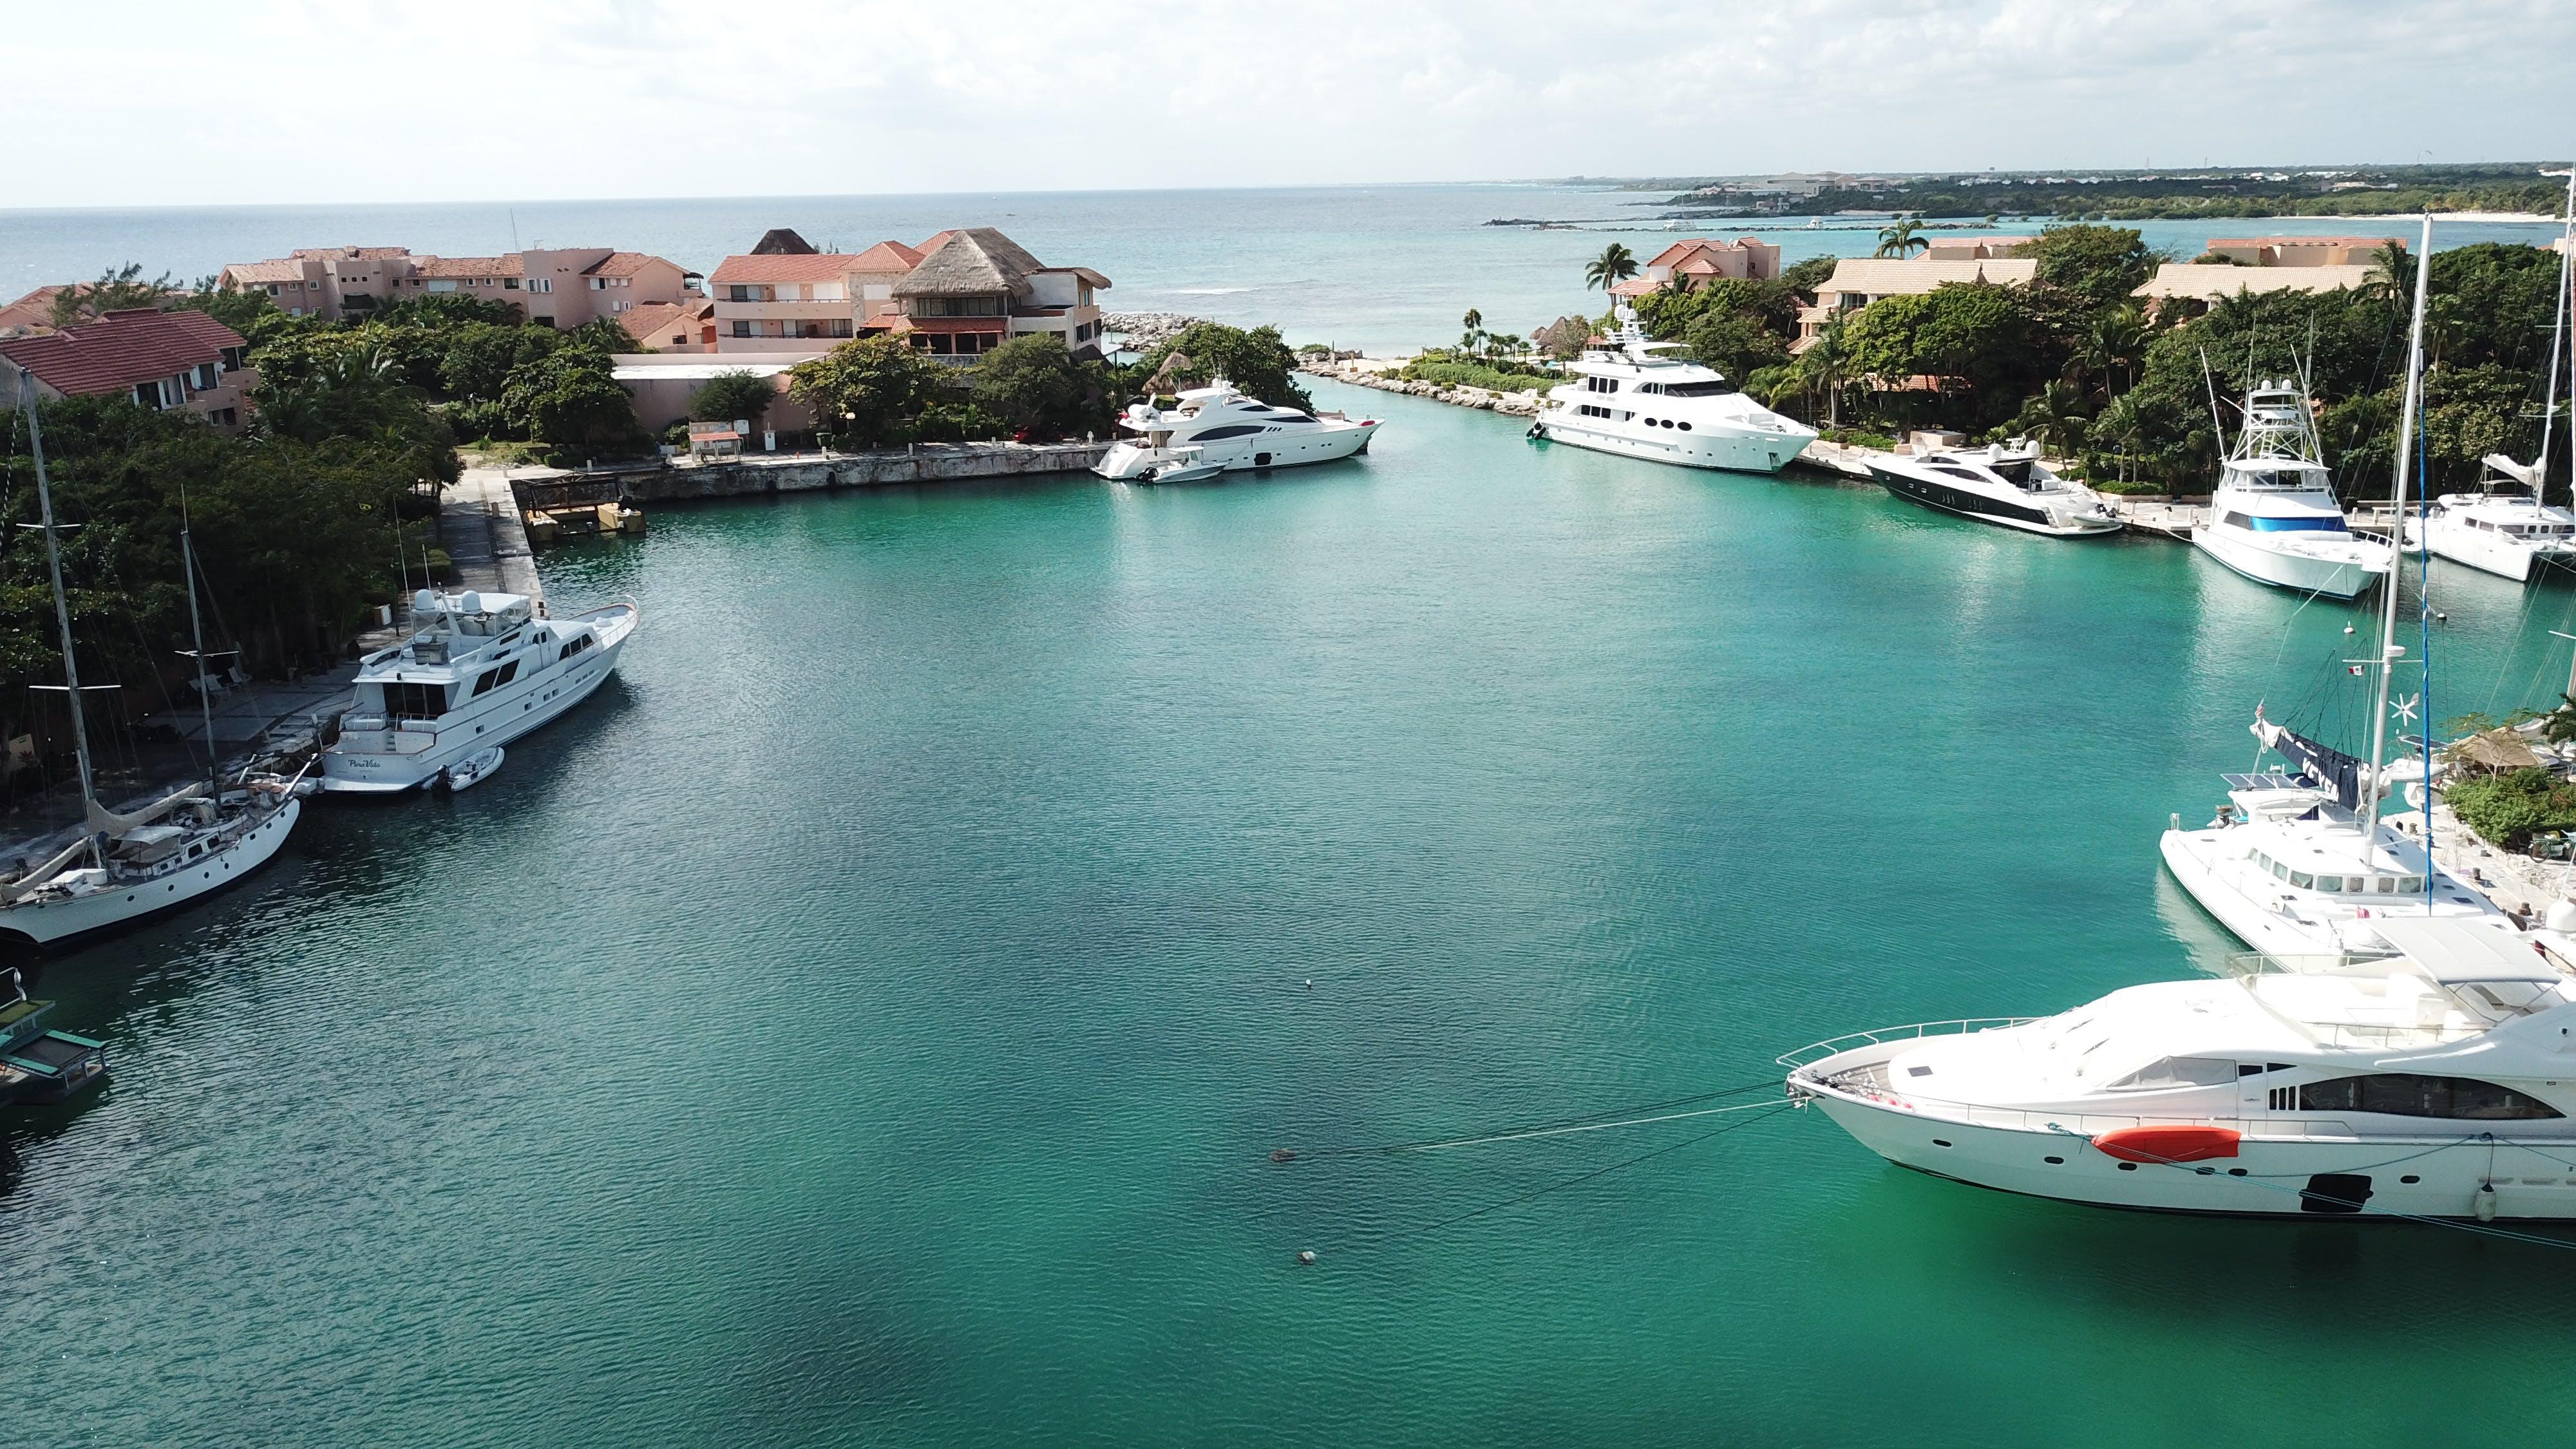 Kostenloses Stock Foto zu #puertoaventura, #yachthafen, #yatch